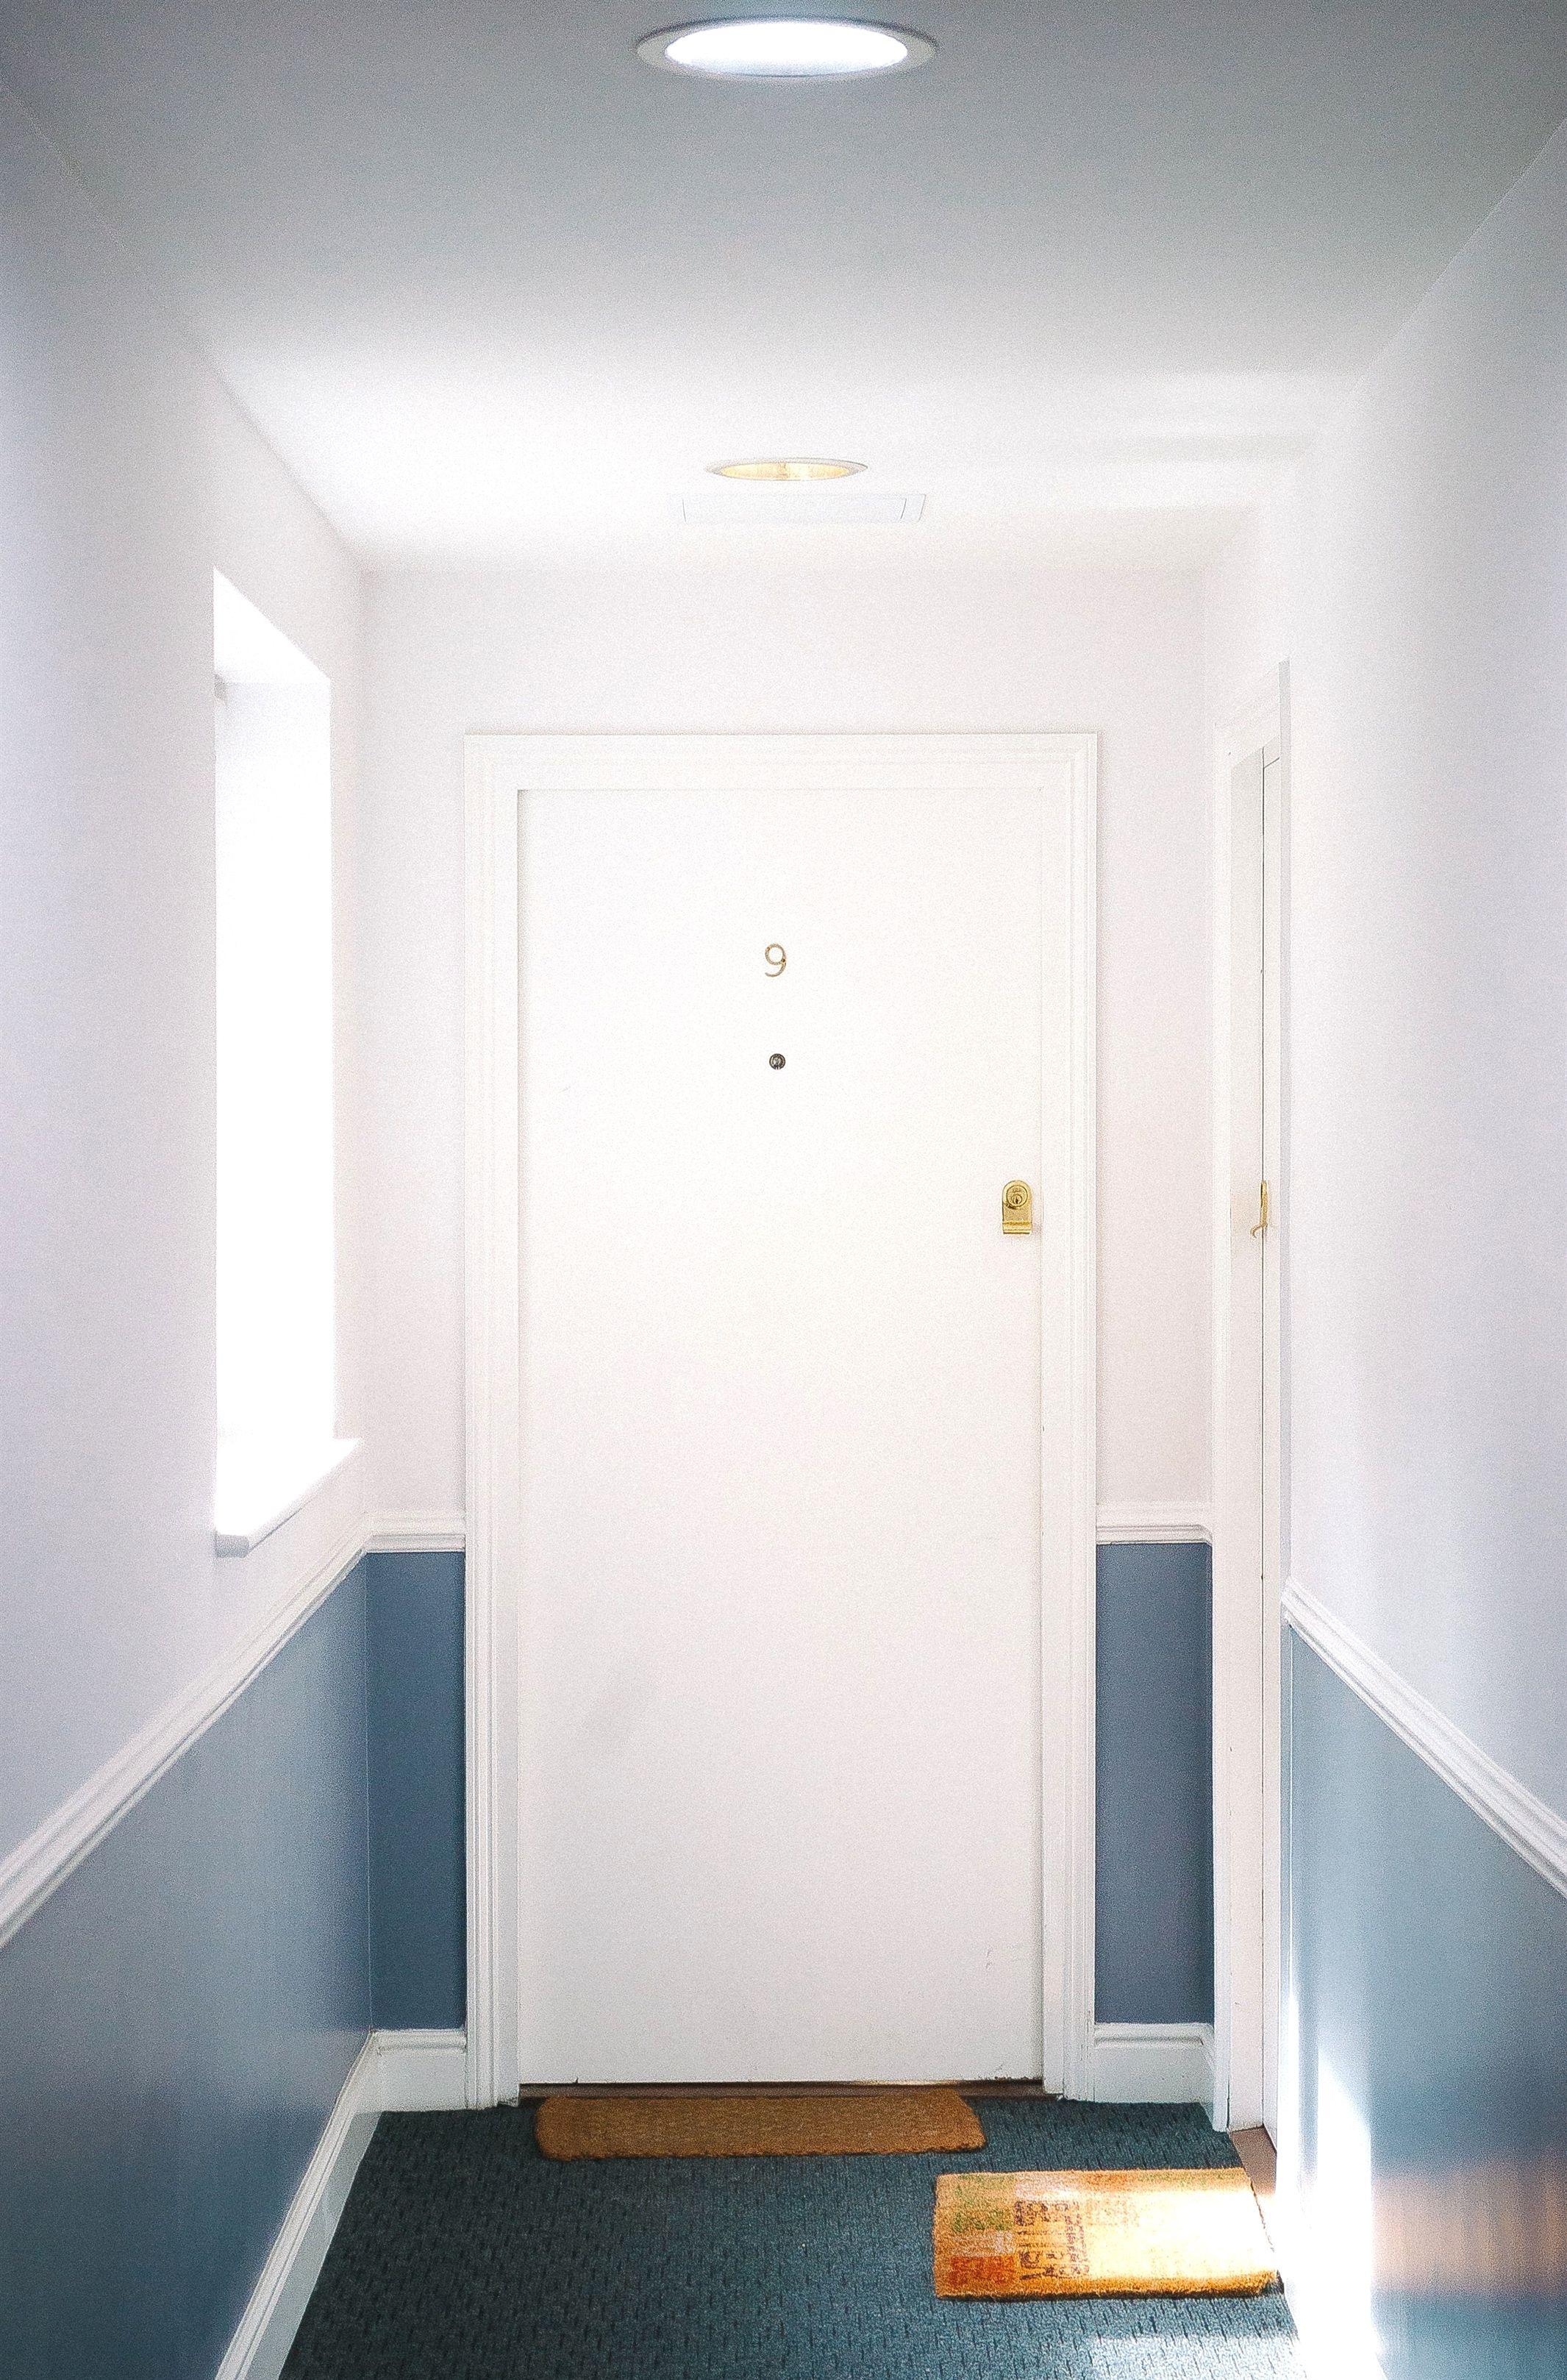 Yosemite Home Decor Blue Wall Clock 3018 20191102152139 62